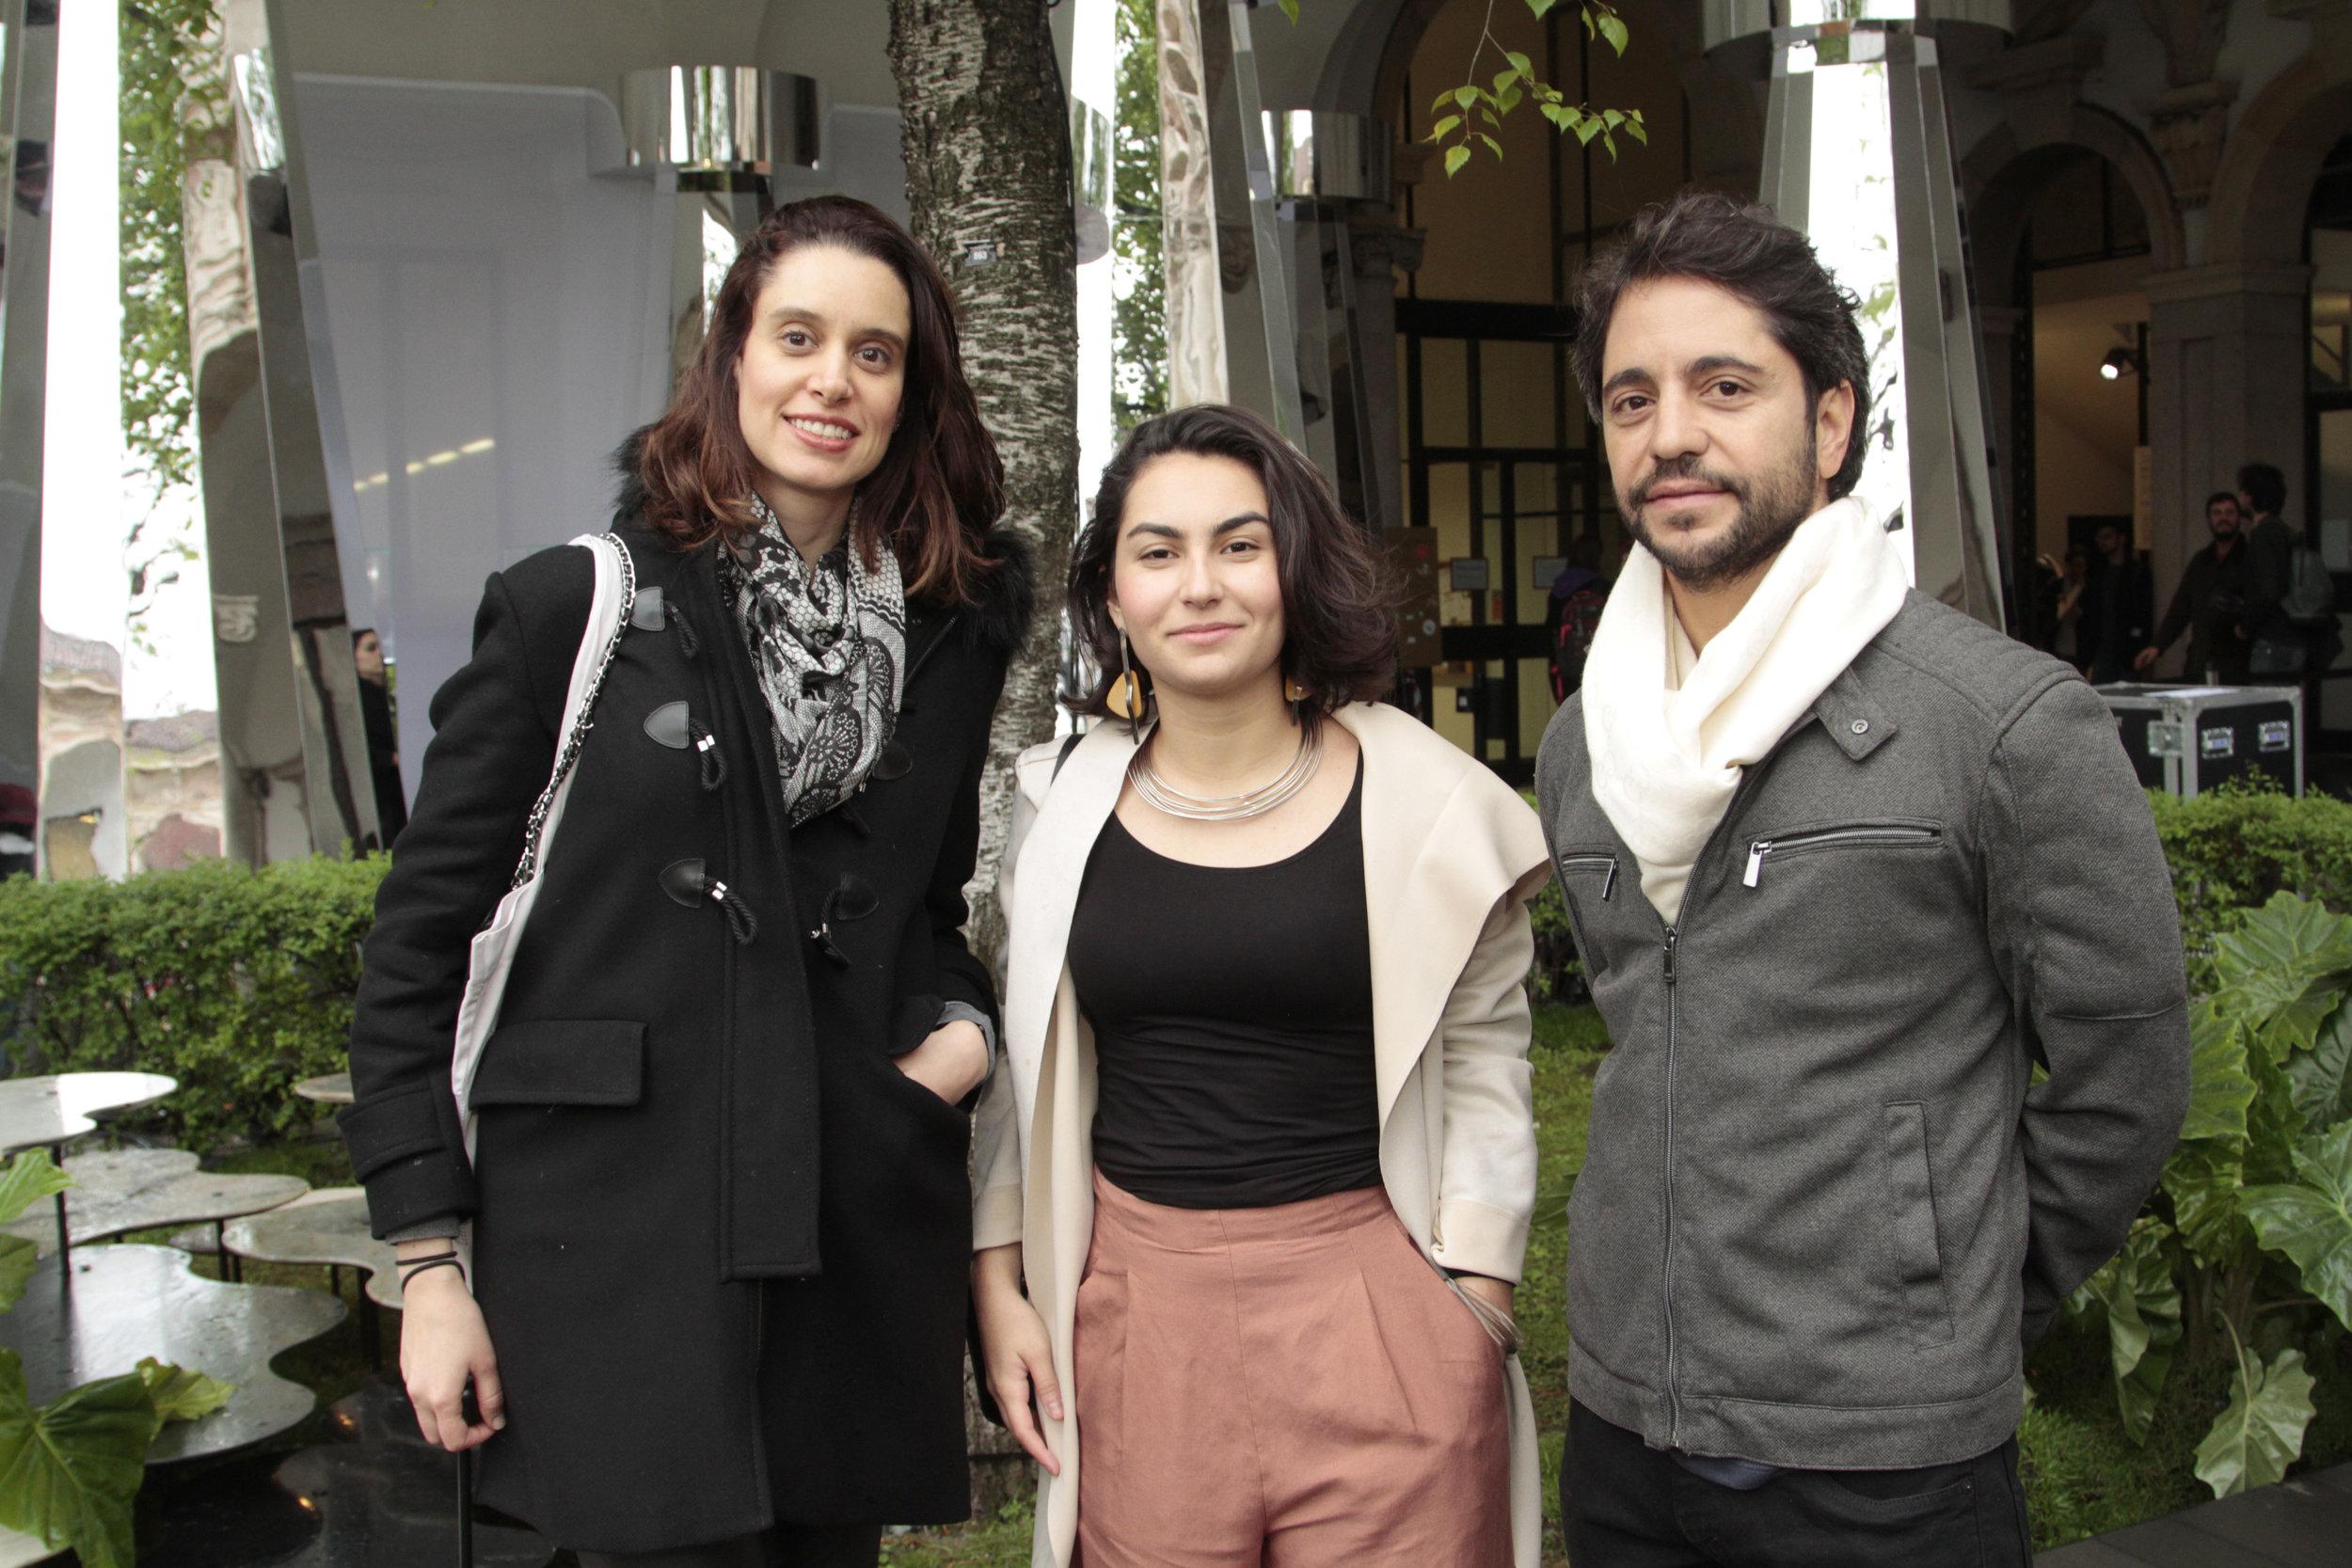 Andrea Macruz, Isabela e Marcello Milagre